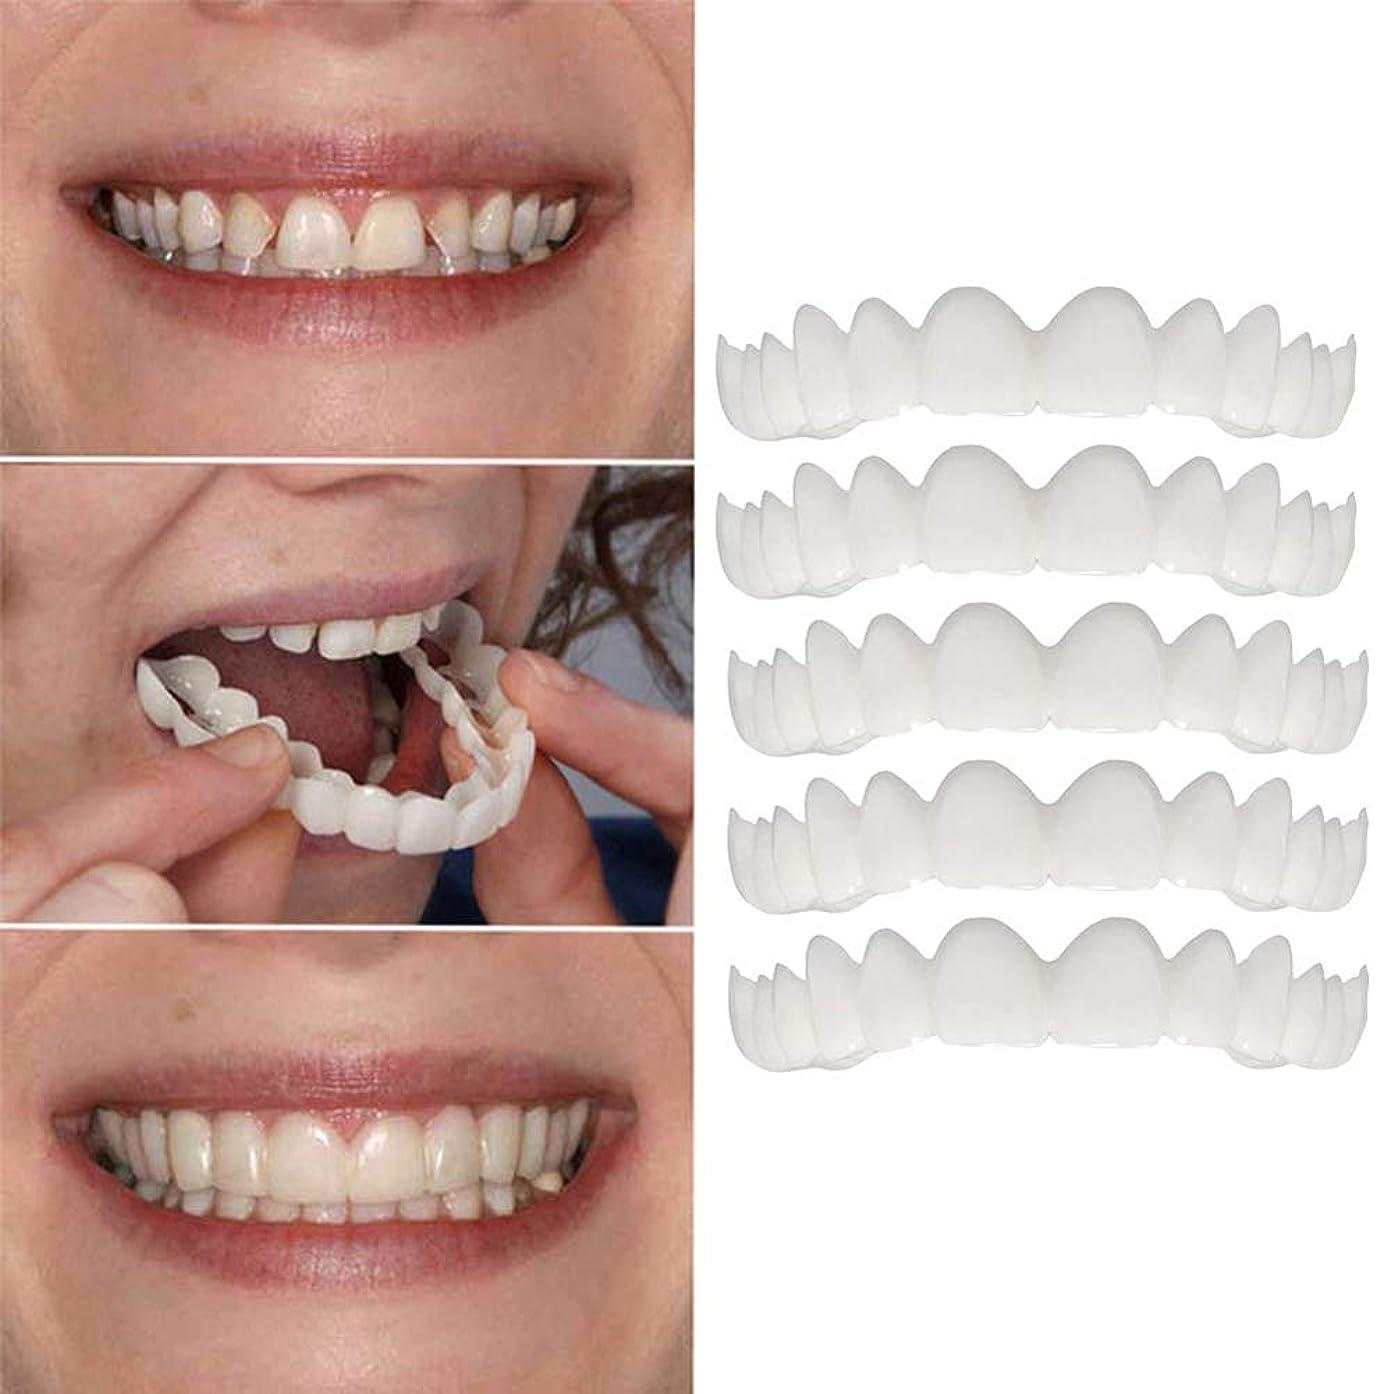 荒野頬骨奨学金インスタント快適で柔らかい完璧なベニヤの歯スナップキャップを白くする一時的な化粧品歯義歯歯の化粧品シミュレーション上袖/下括弧の5枚,Upperteeth5pcs